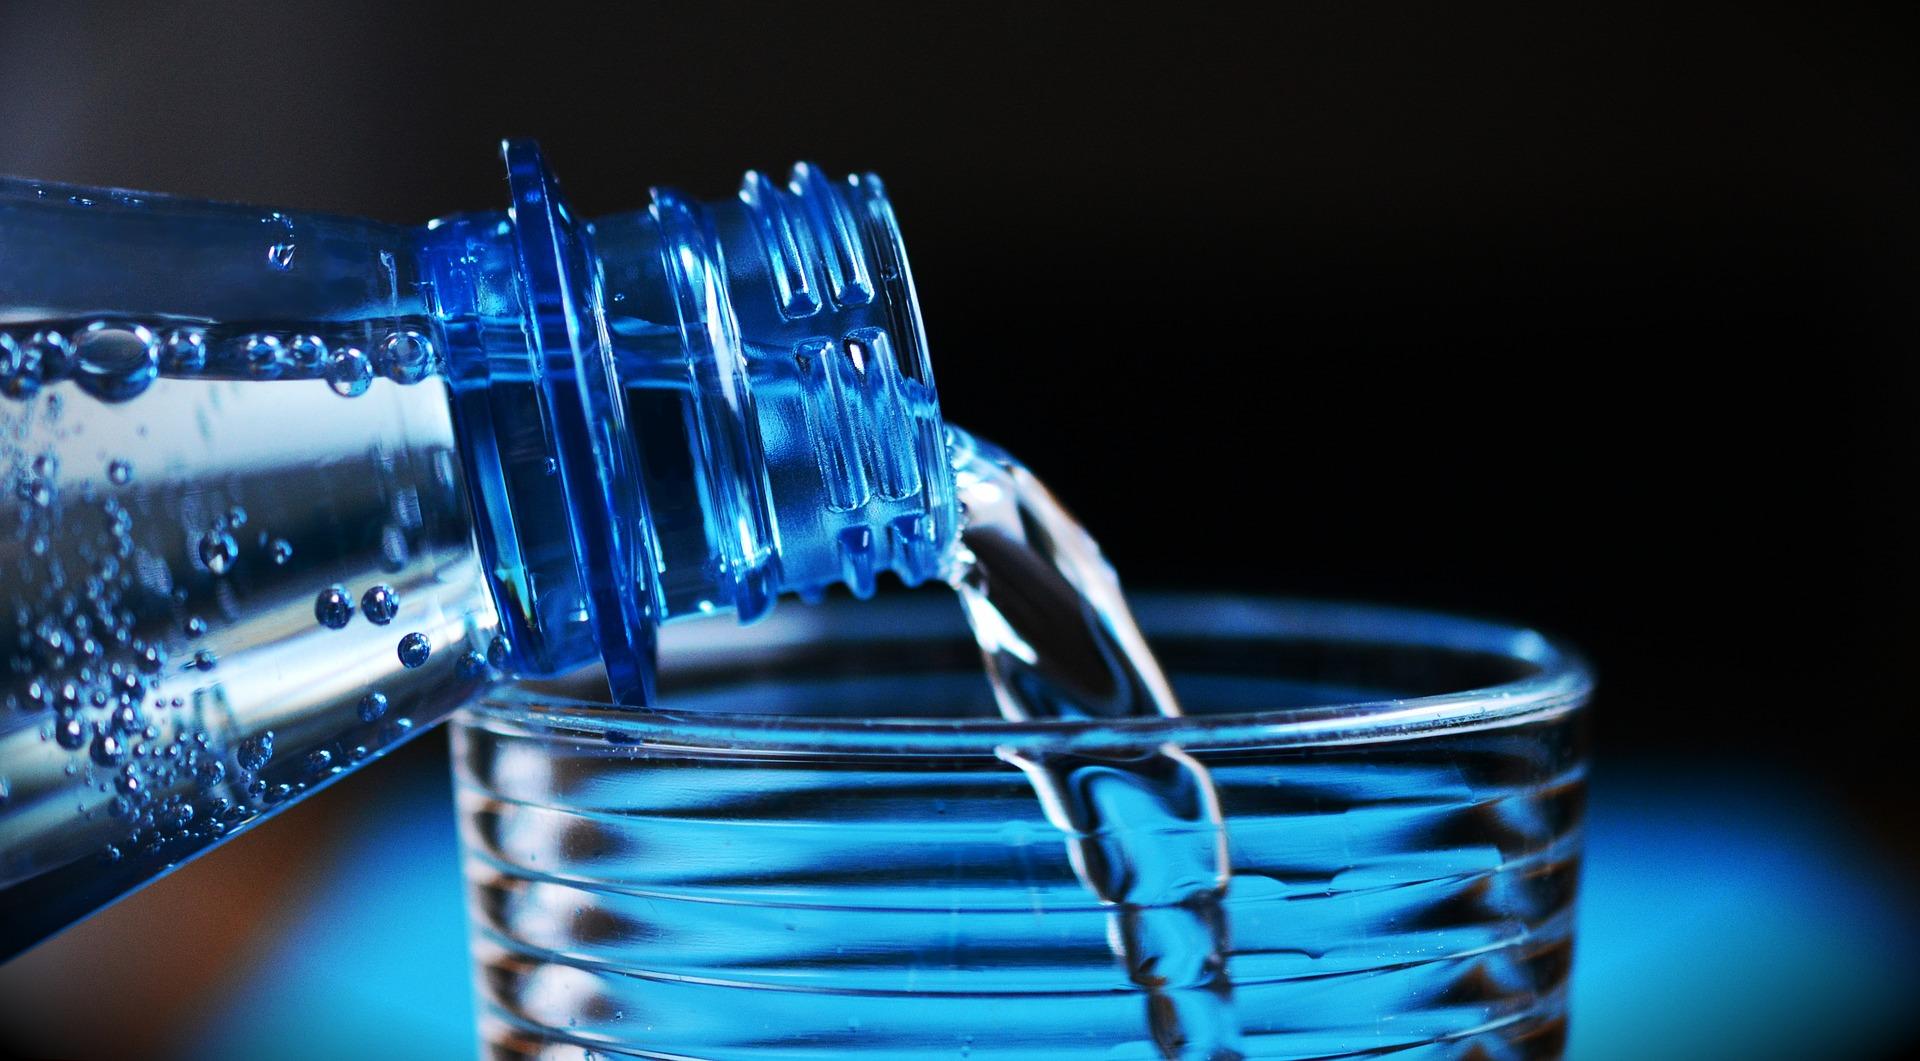 Державна служба геології та надр України продає два спецдозволи на воду